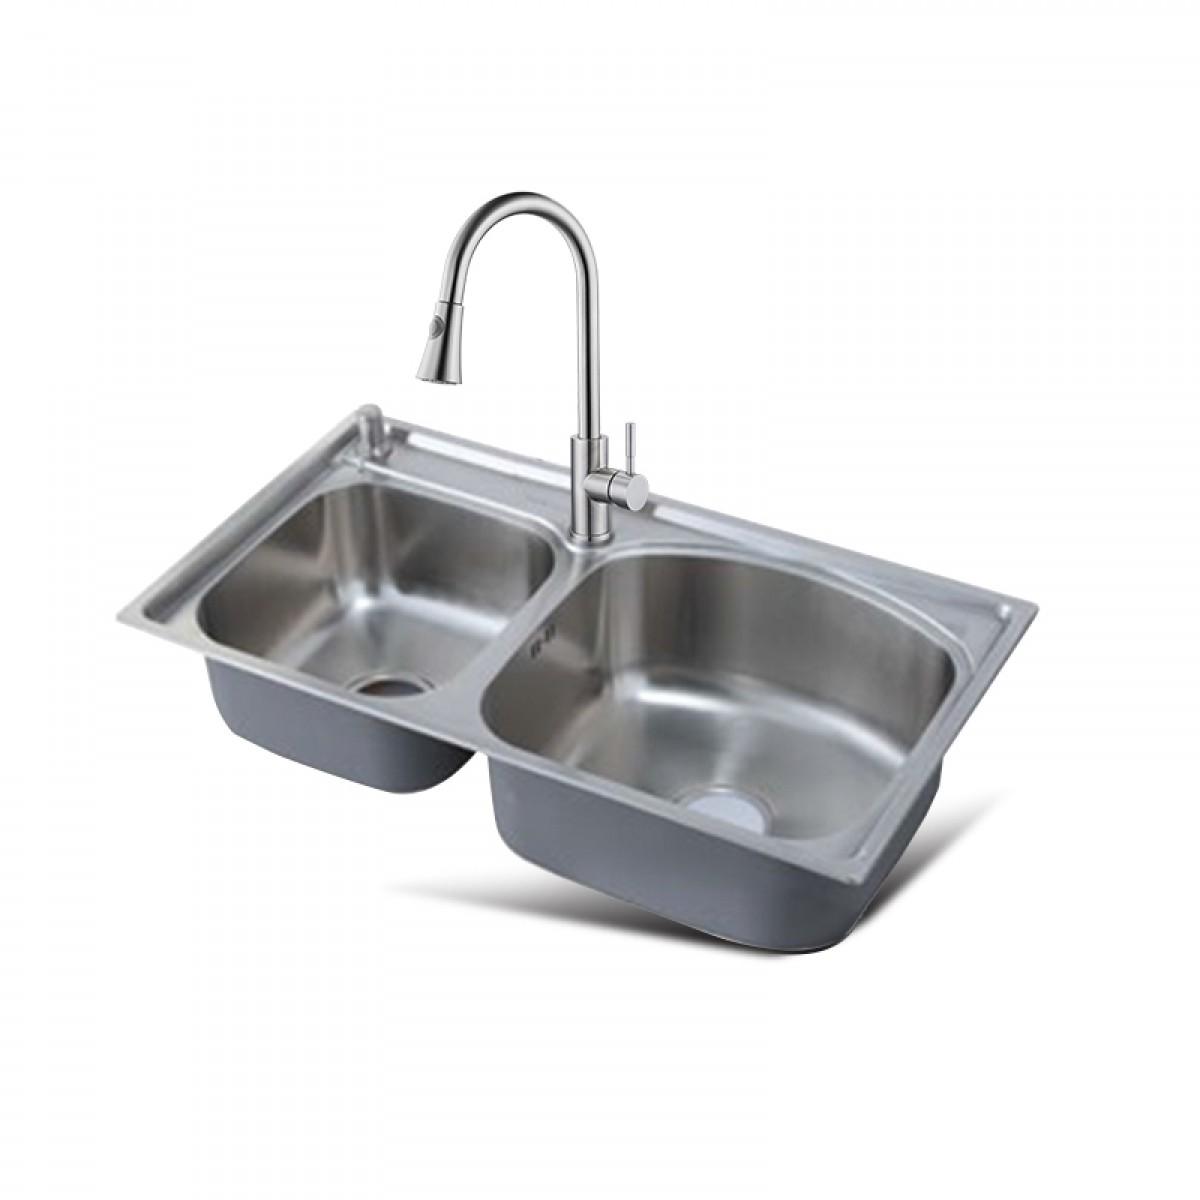 邦斯特 不锈钢双盆水槽+龙头套餐 8245L+2008